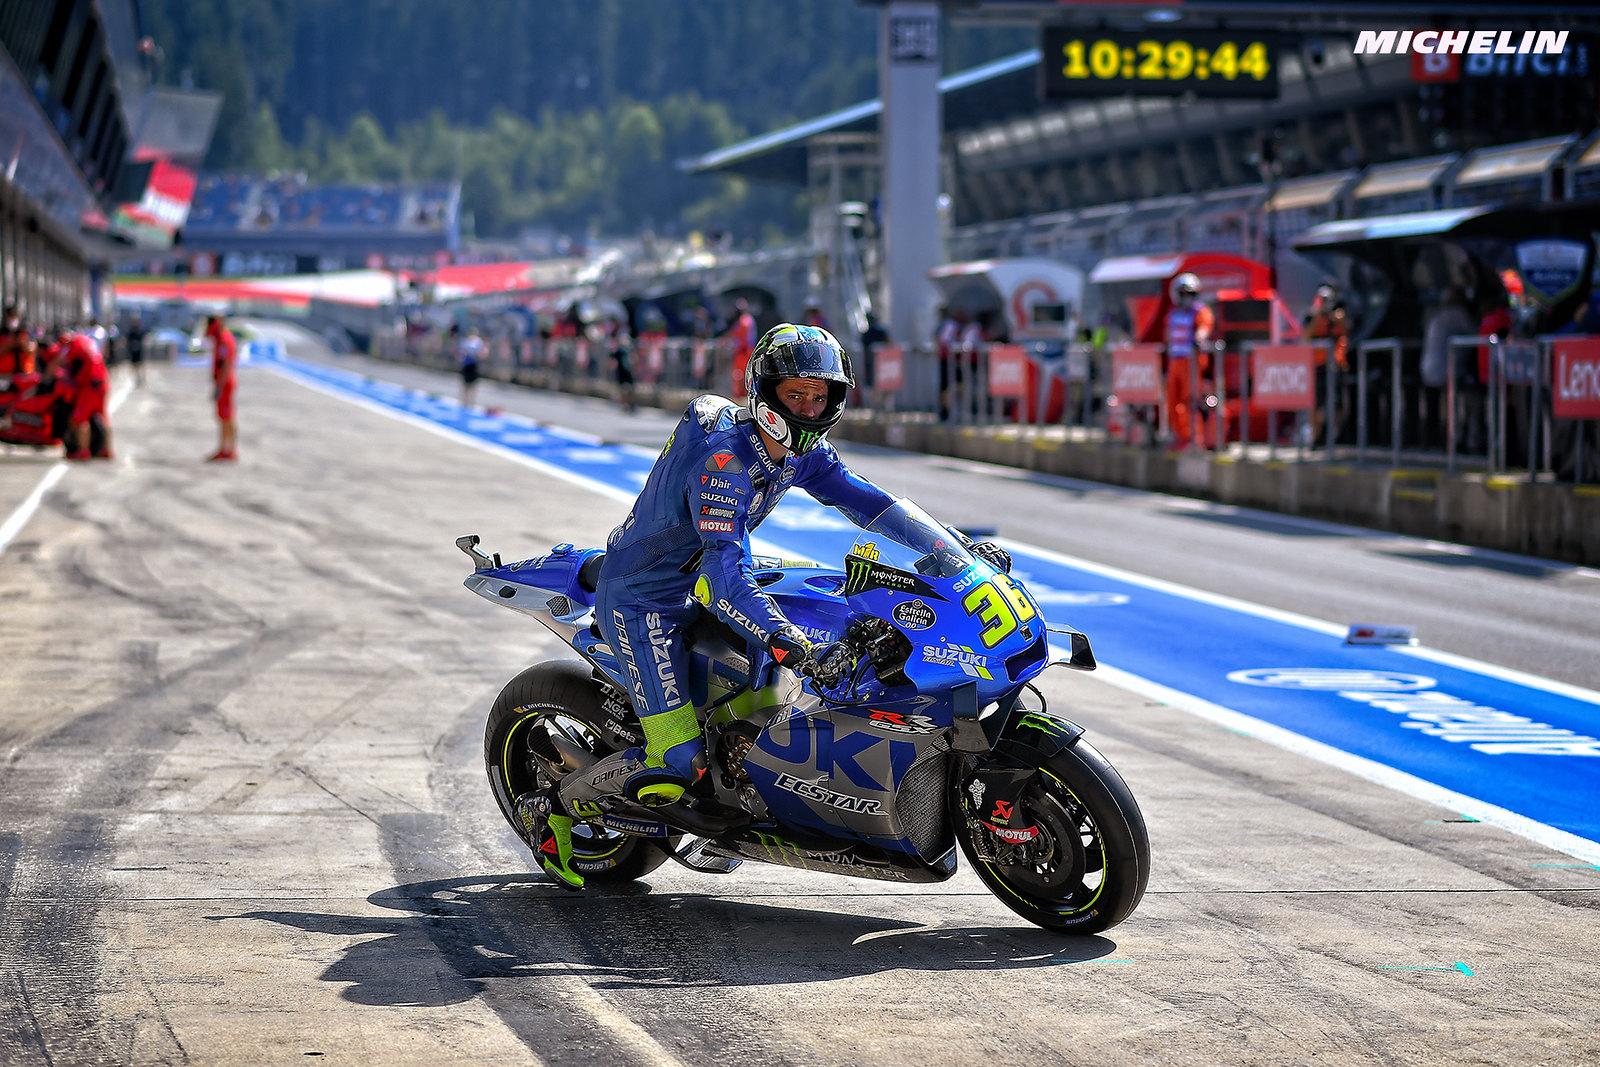 MotoGP2021オーストリアGP 初日総合  2位ジョアン・ミル「まだまだ改善の余地はある」